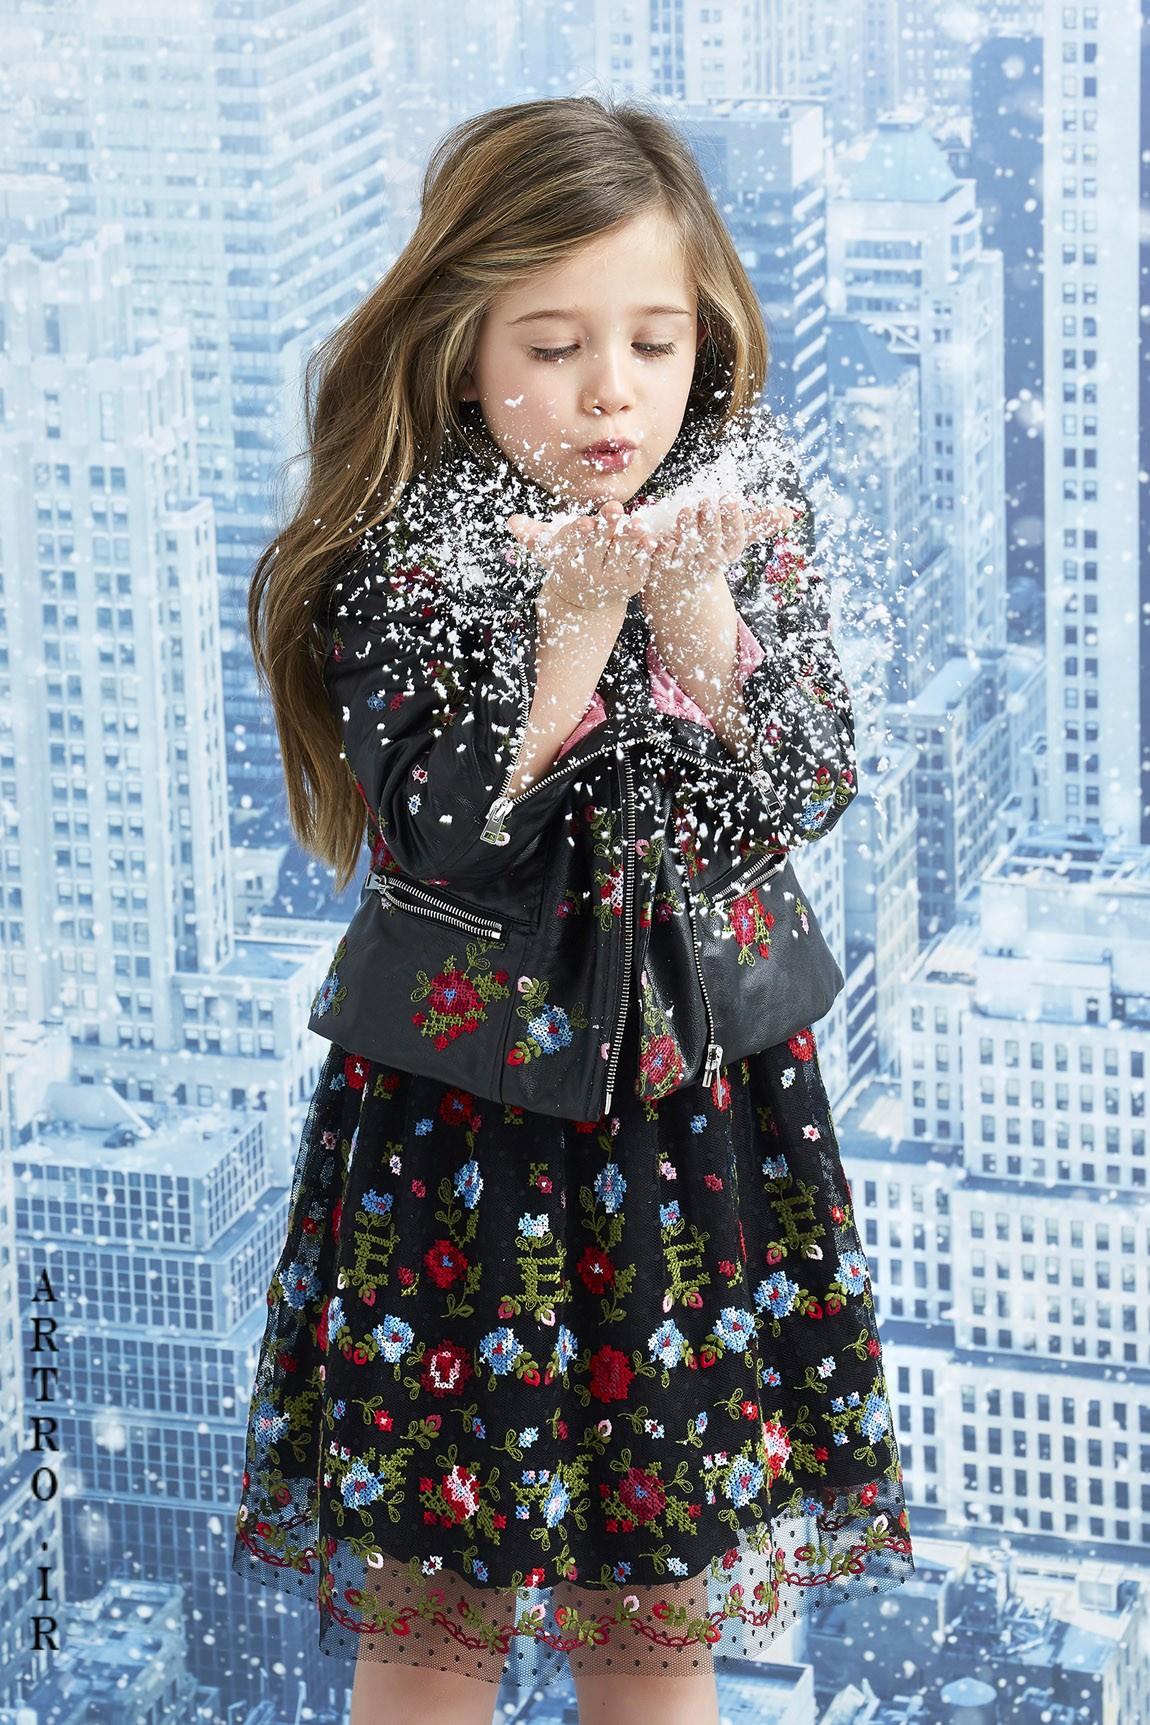 مدل لباس شیک زمستانی دخترها